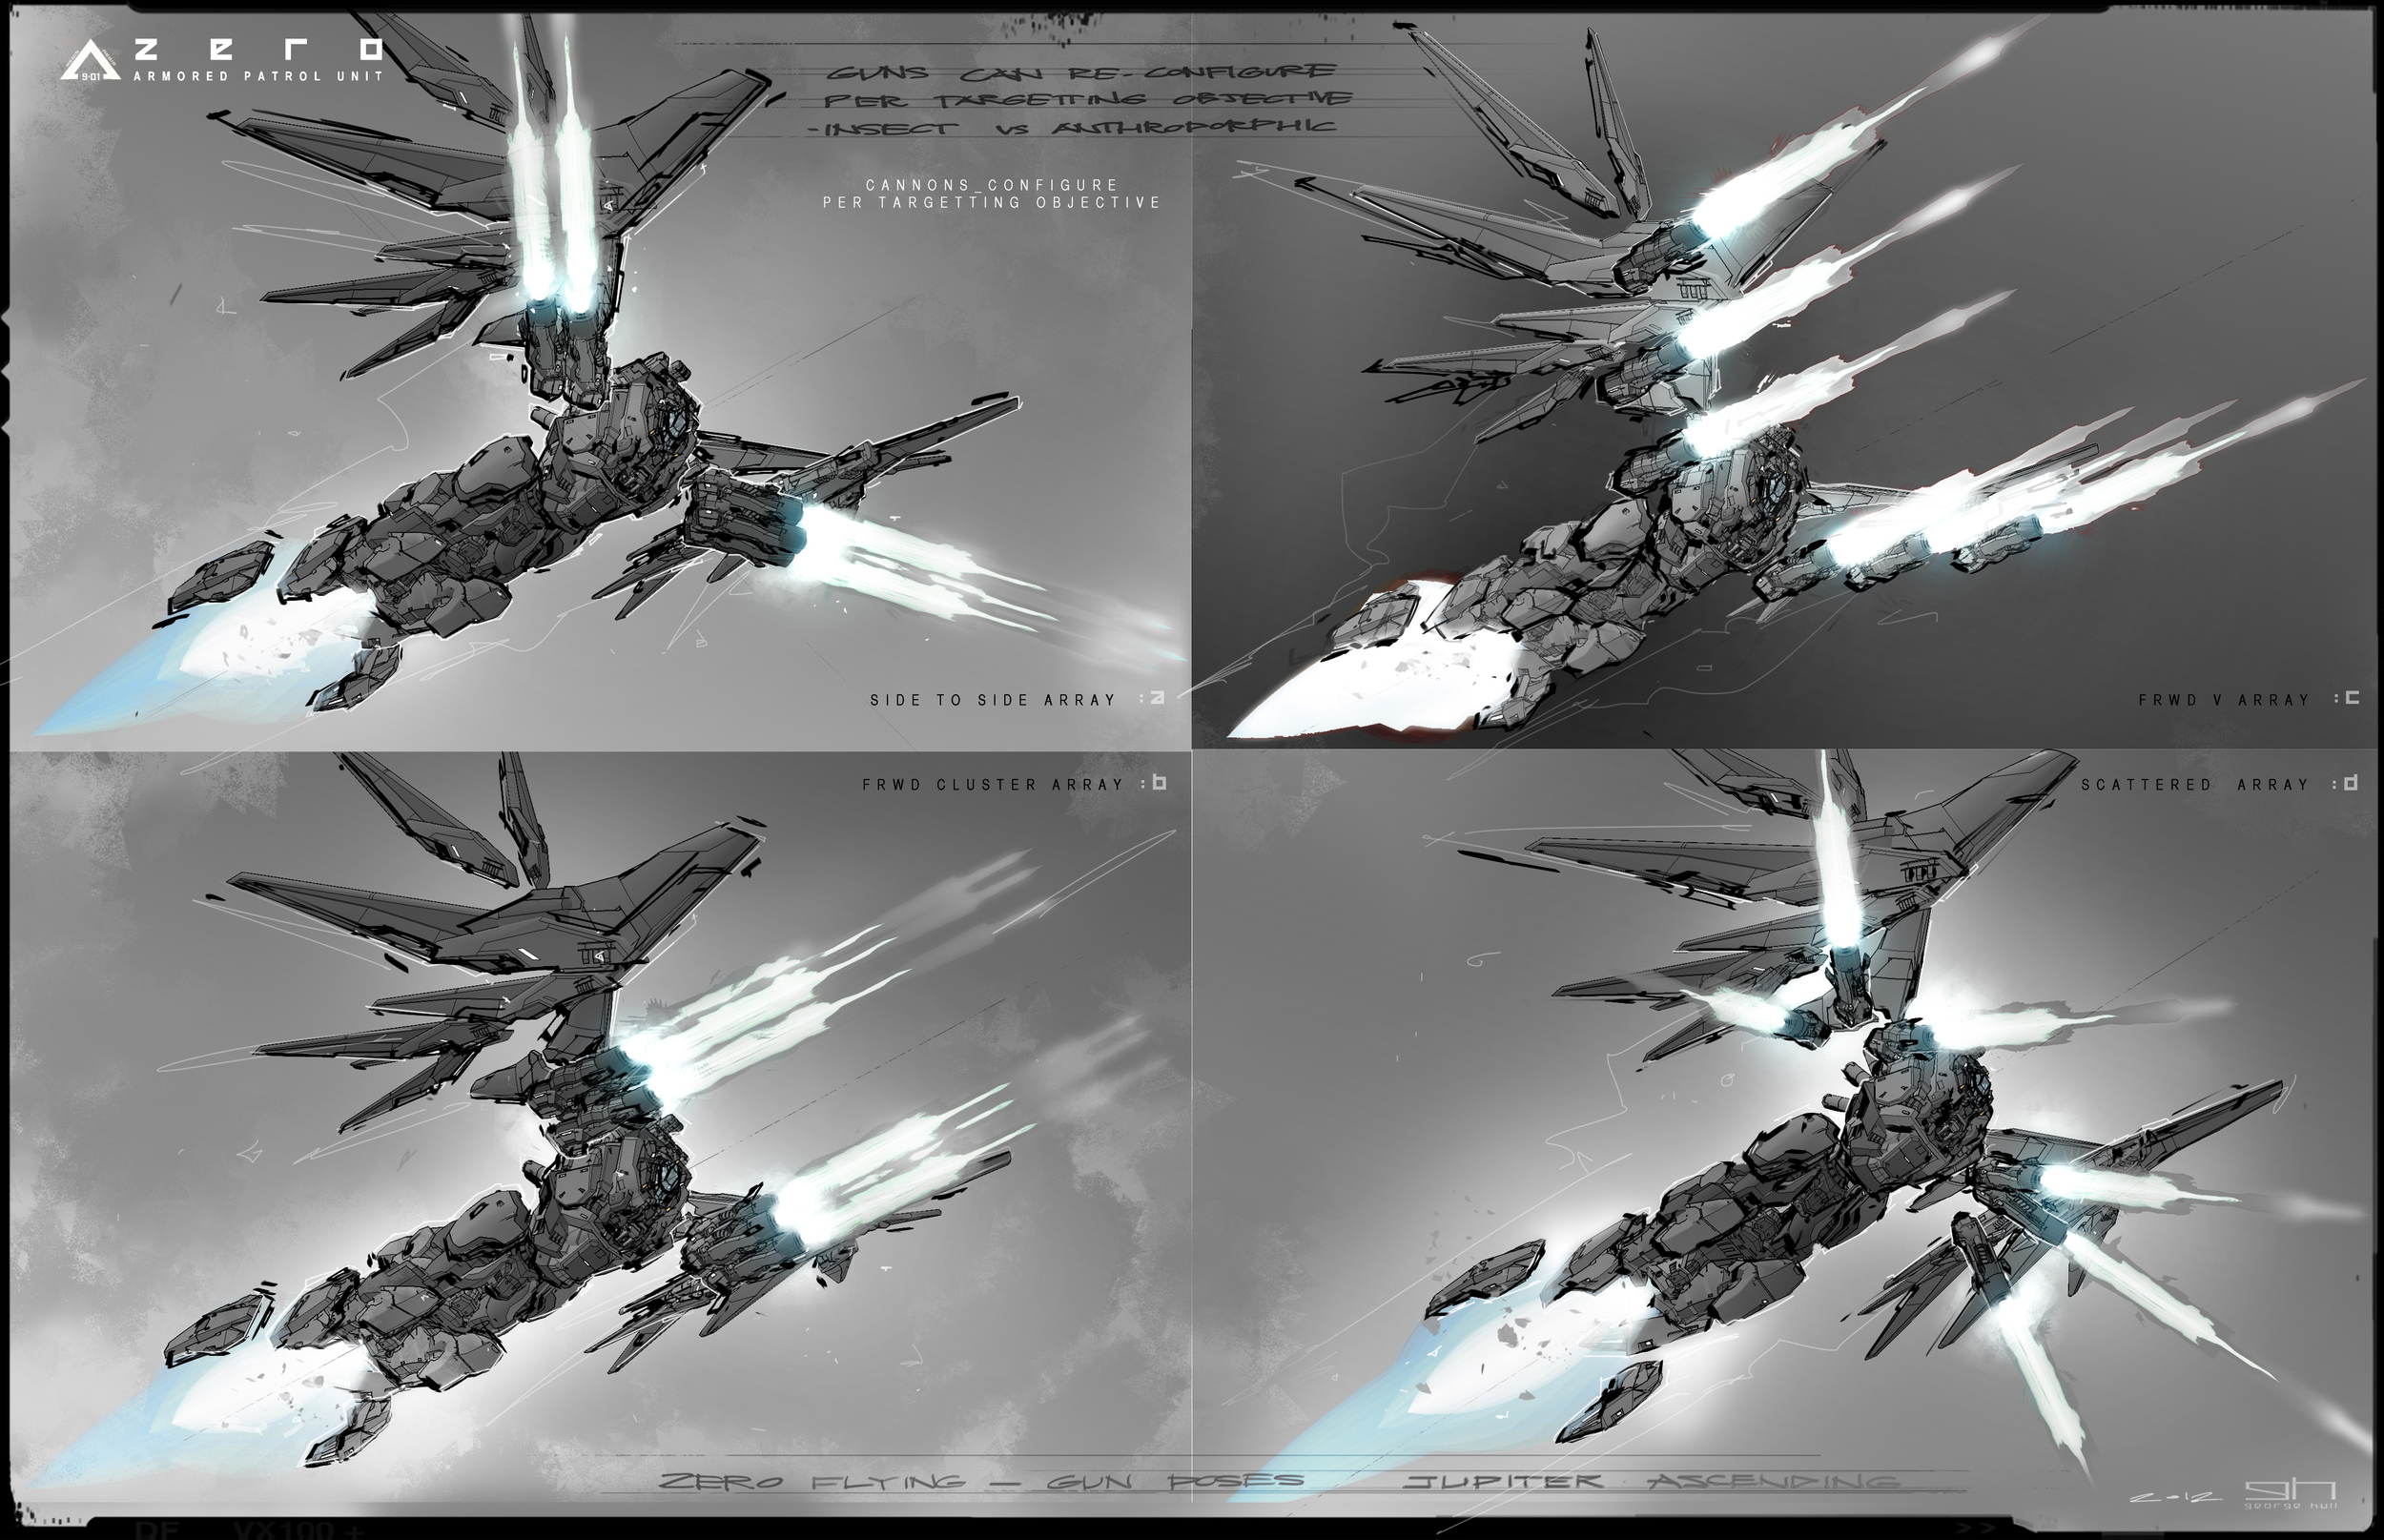 zero_GunConfigs_fin2_gh.jpg